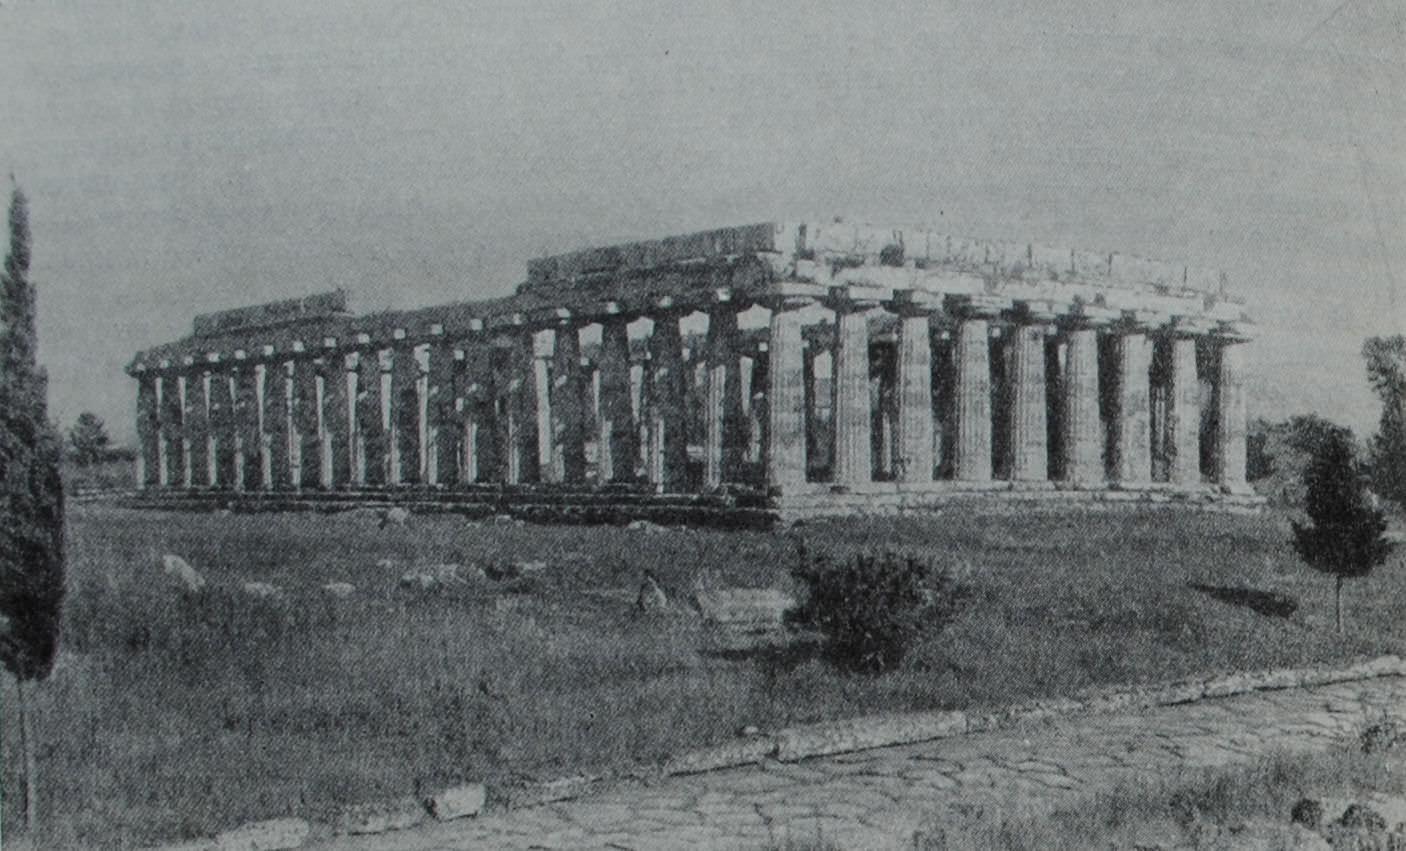 Базилика в Пестуме (Италия). Один из наиболее сохранившихся образцов храма дорического стиля. VI в. до н.э.